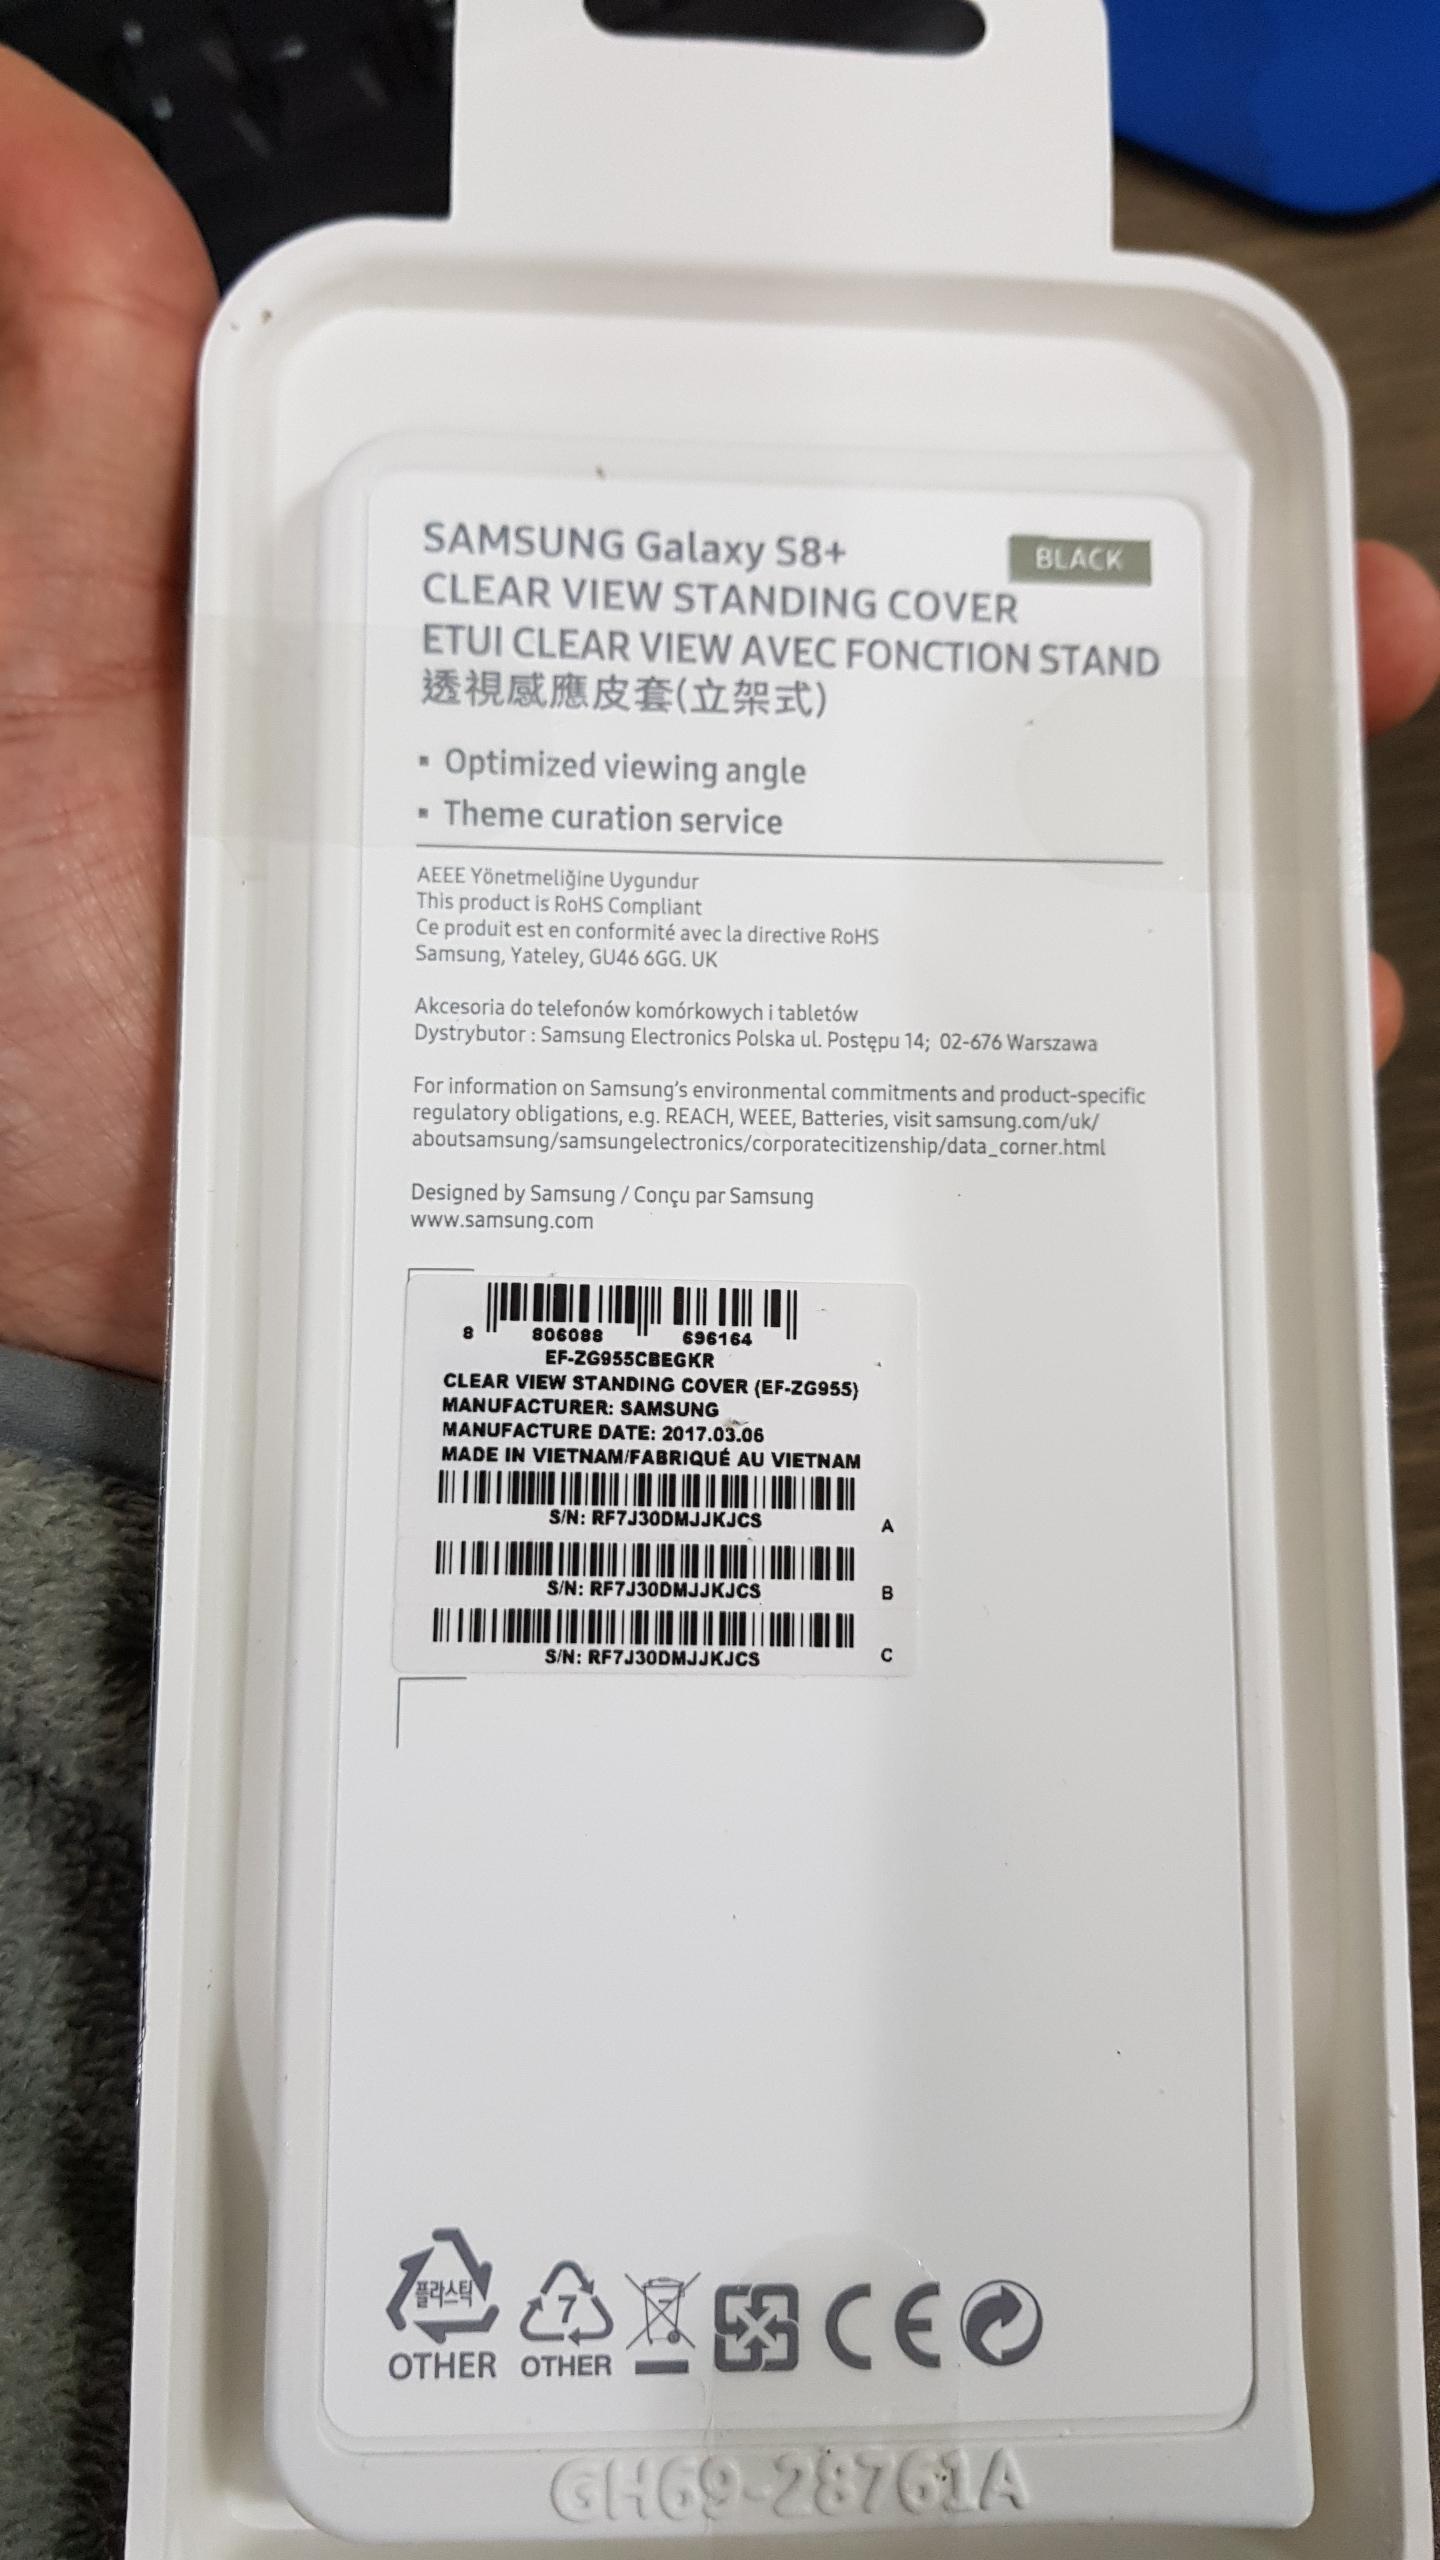 갤럭시 S8 플러스 클리어뷰 스탠딩 커버 포장 후면